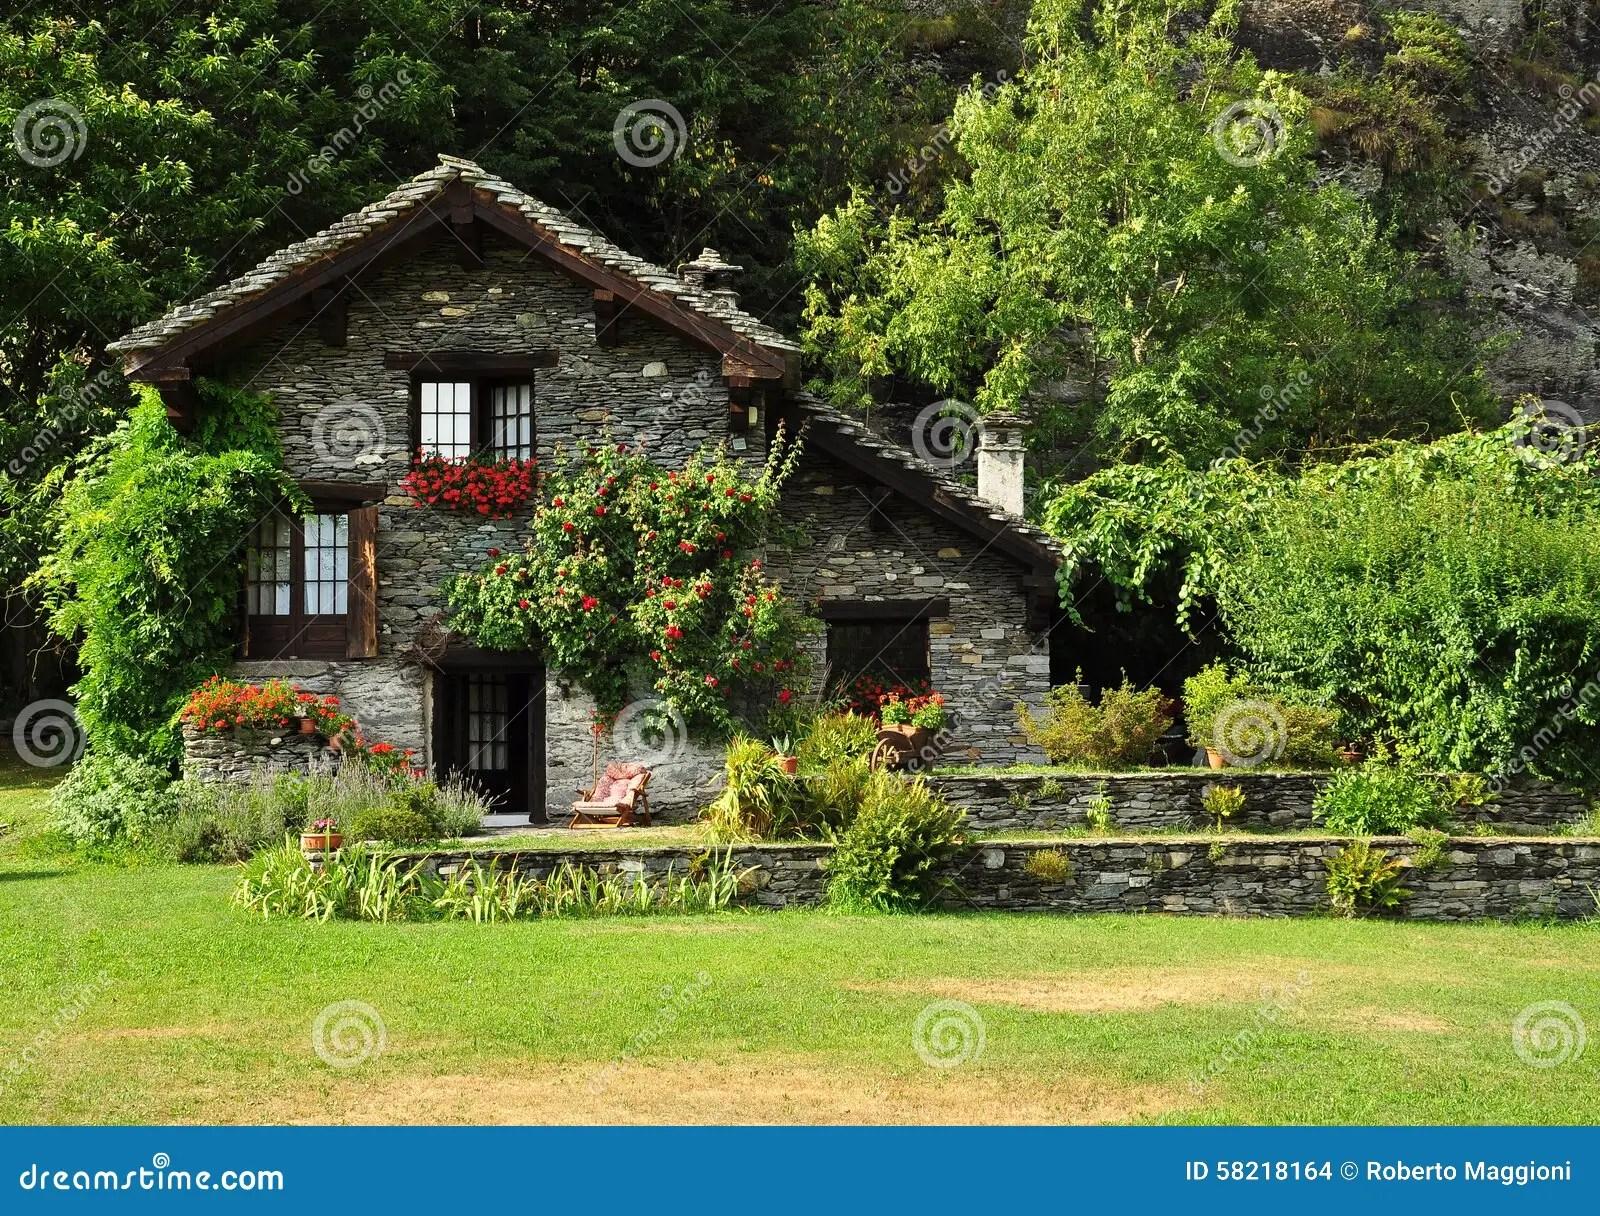 Garden Homes Management